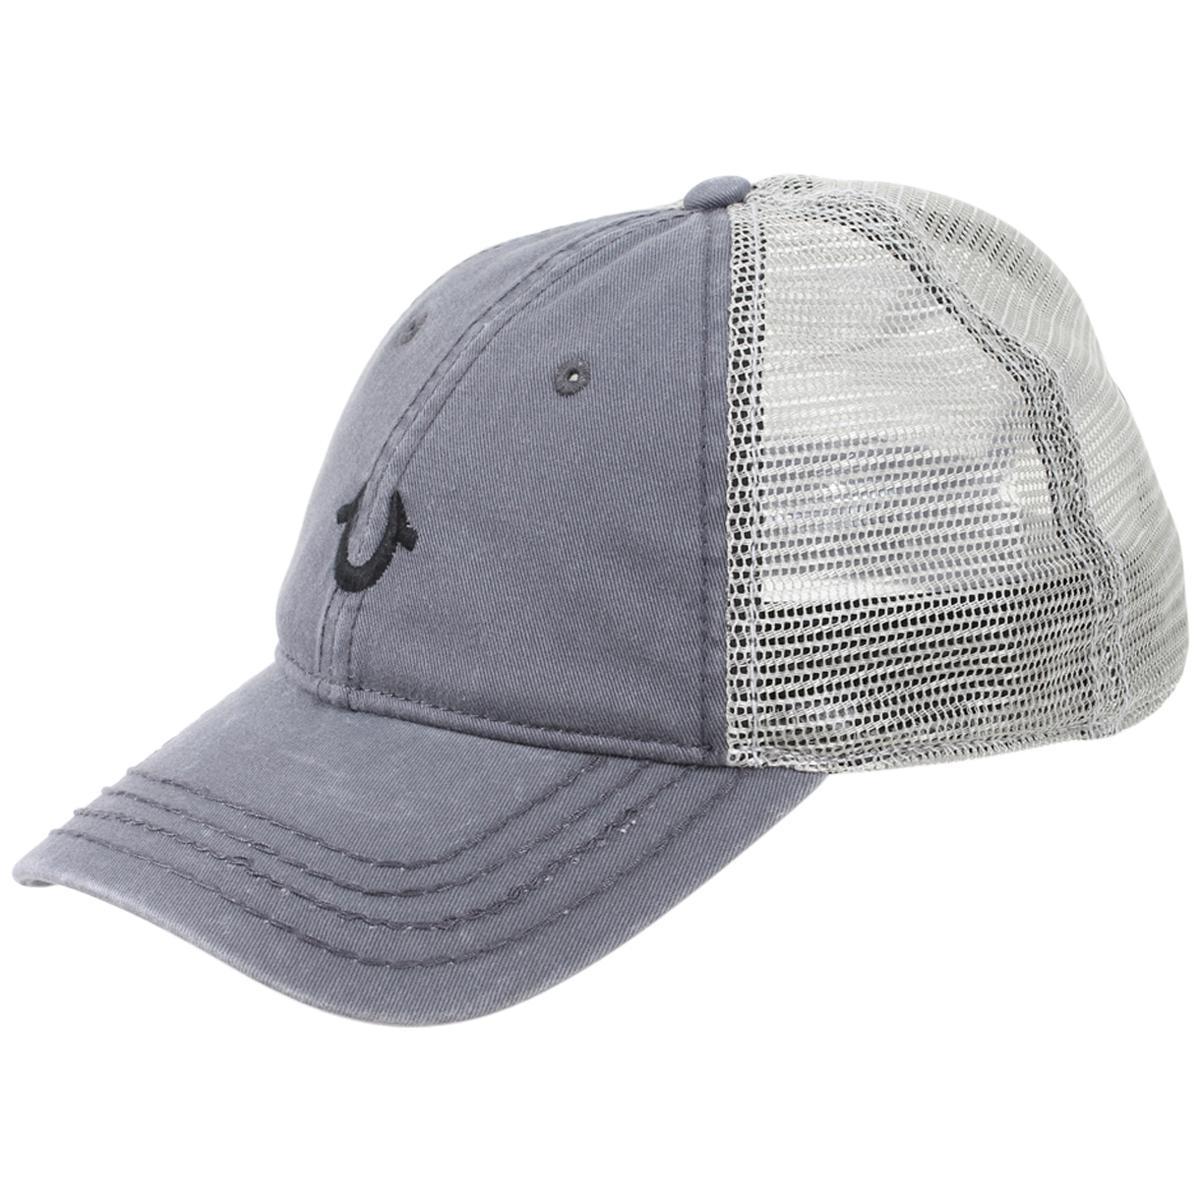 d0f91e6a5 True Religion Men's Core Logo Cotton Strapback Trucker Cap Hat